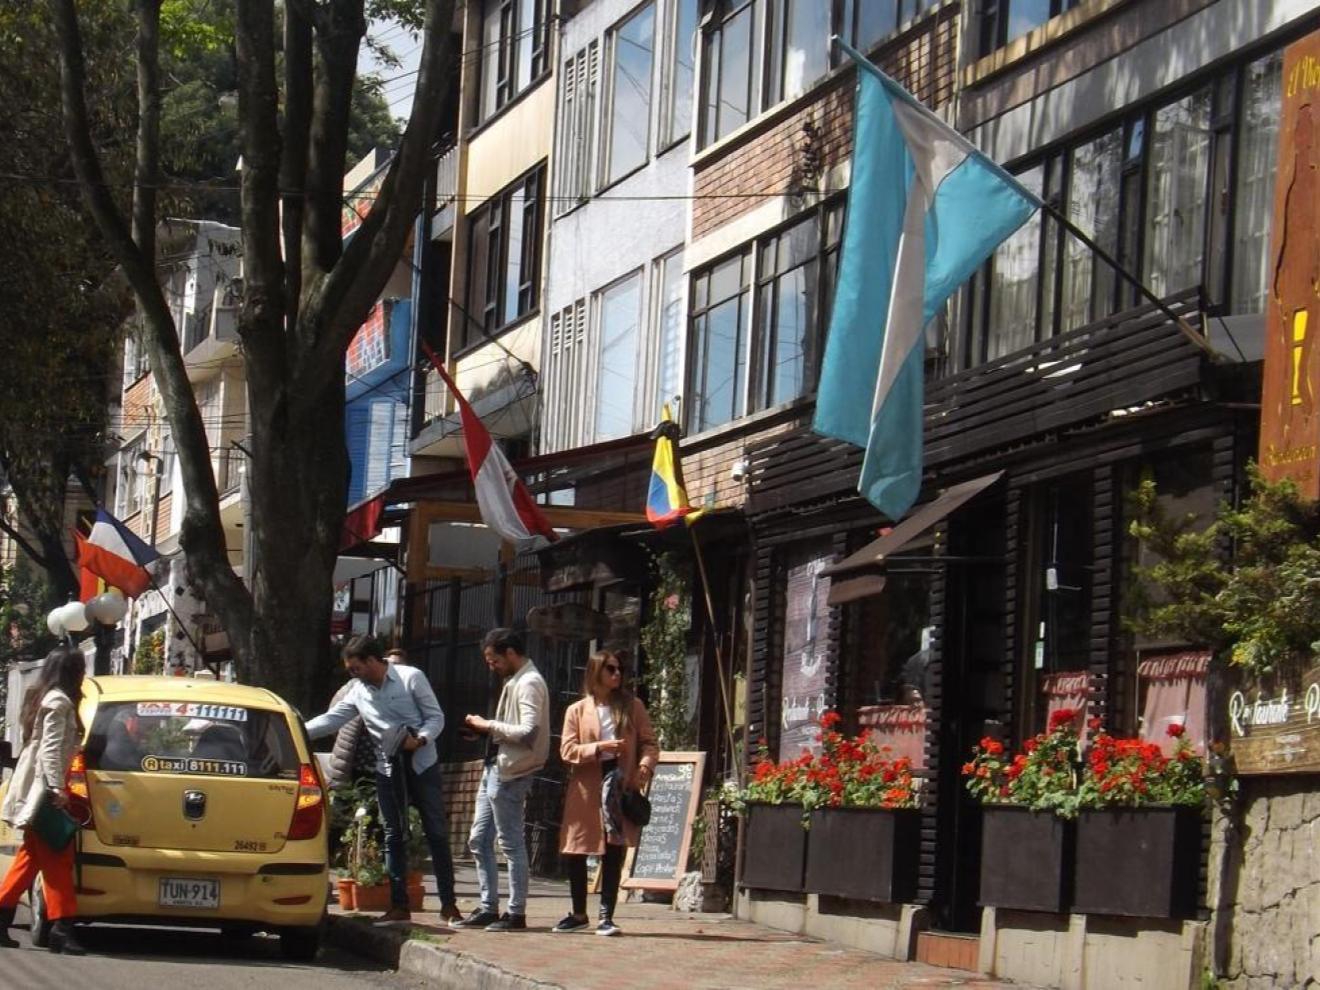 La Macarena neighborhood